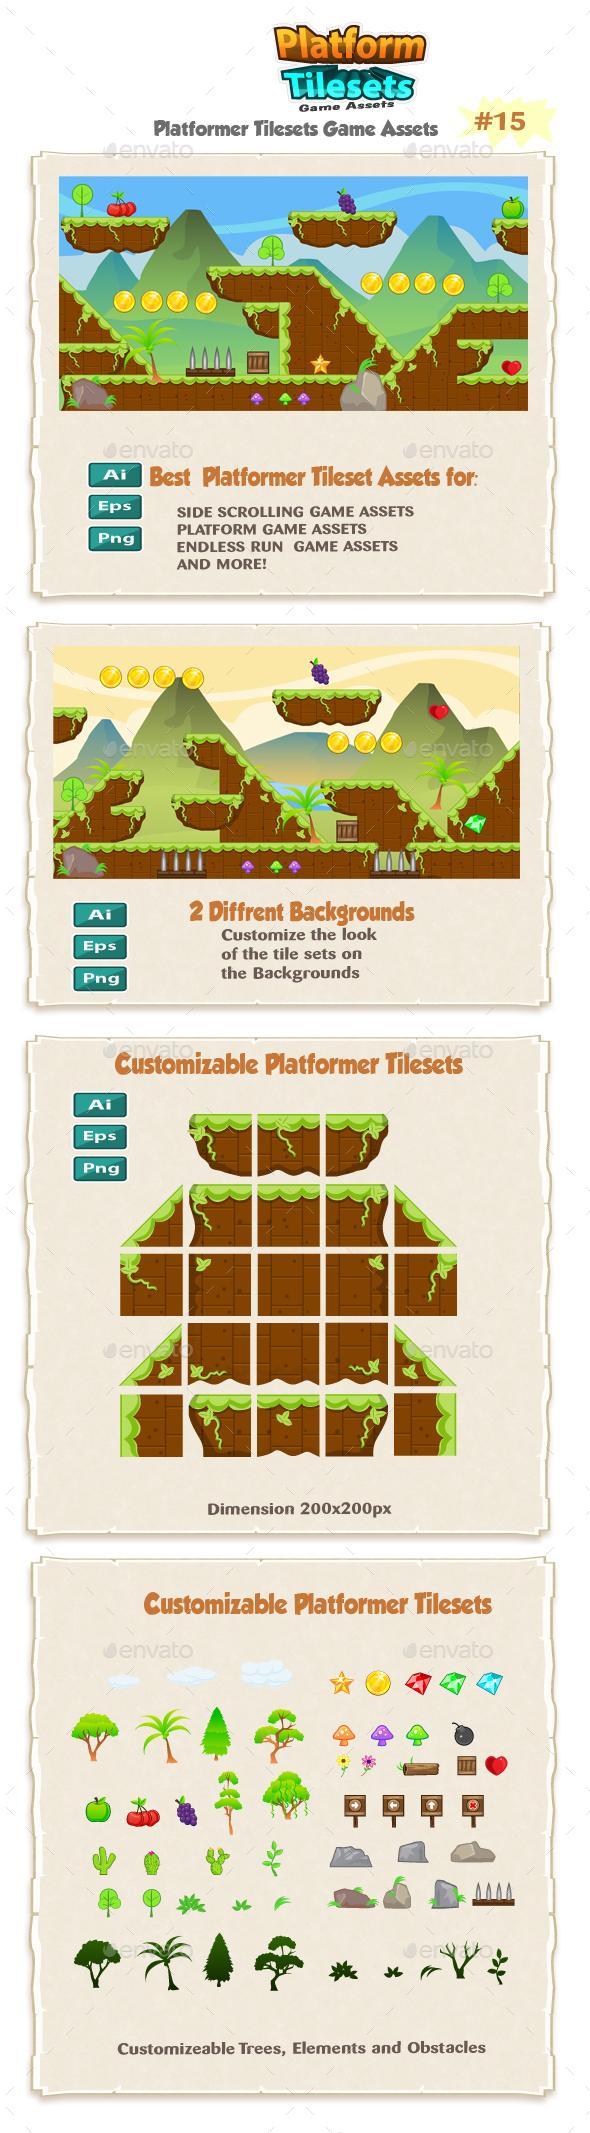 Mountains Platformer Game Tilesets 13 - Tilesets Game Assets